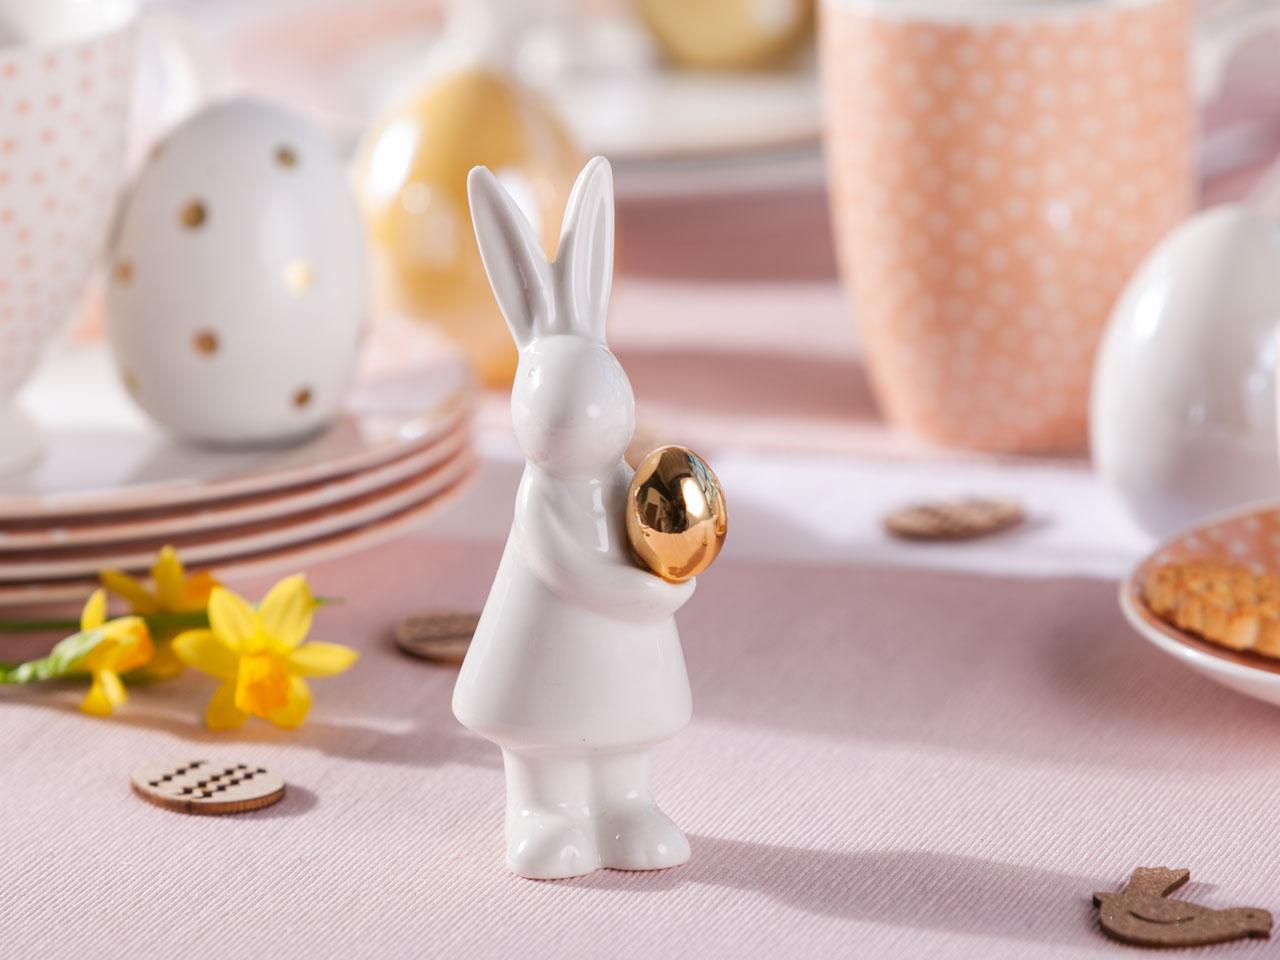 Figurka / ozdoba zając ze złotym jajkiem święta Wielkanoc Altom Design kropki 5x4x13 cm